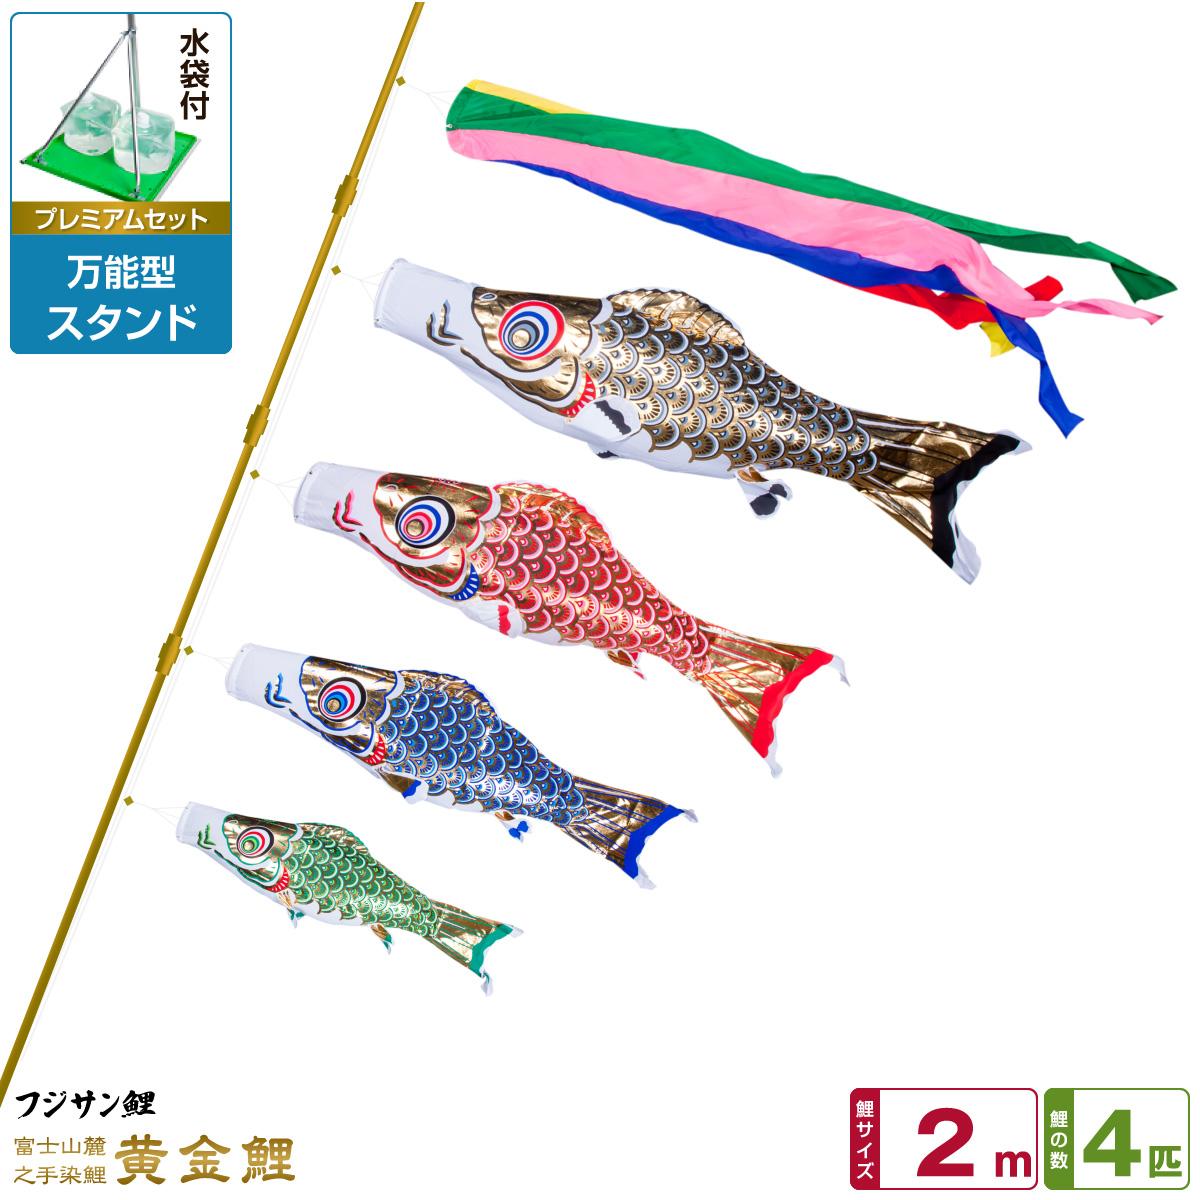 ベランダ用 こいのぼり 鯉のぼり フジサン鯉 黄金鯉 2m 7点(吹流し+鯉4匹+矢車+ロープ)/プレミアムセット(万能スタンド)